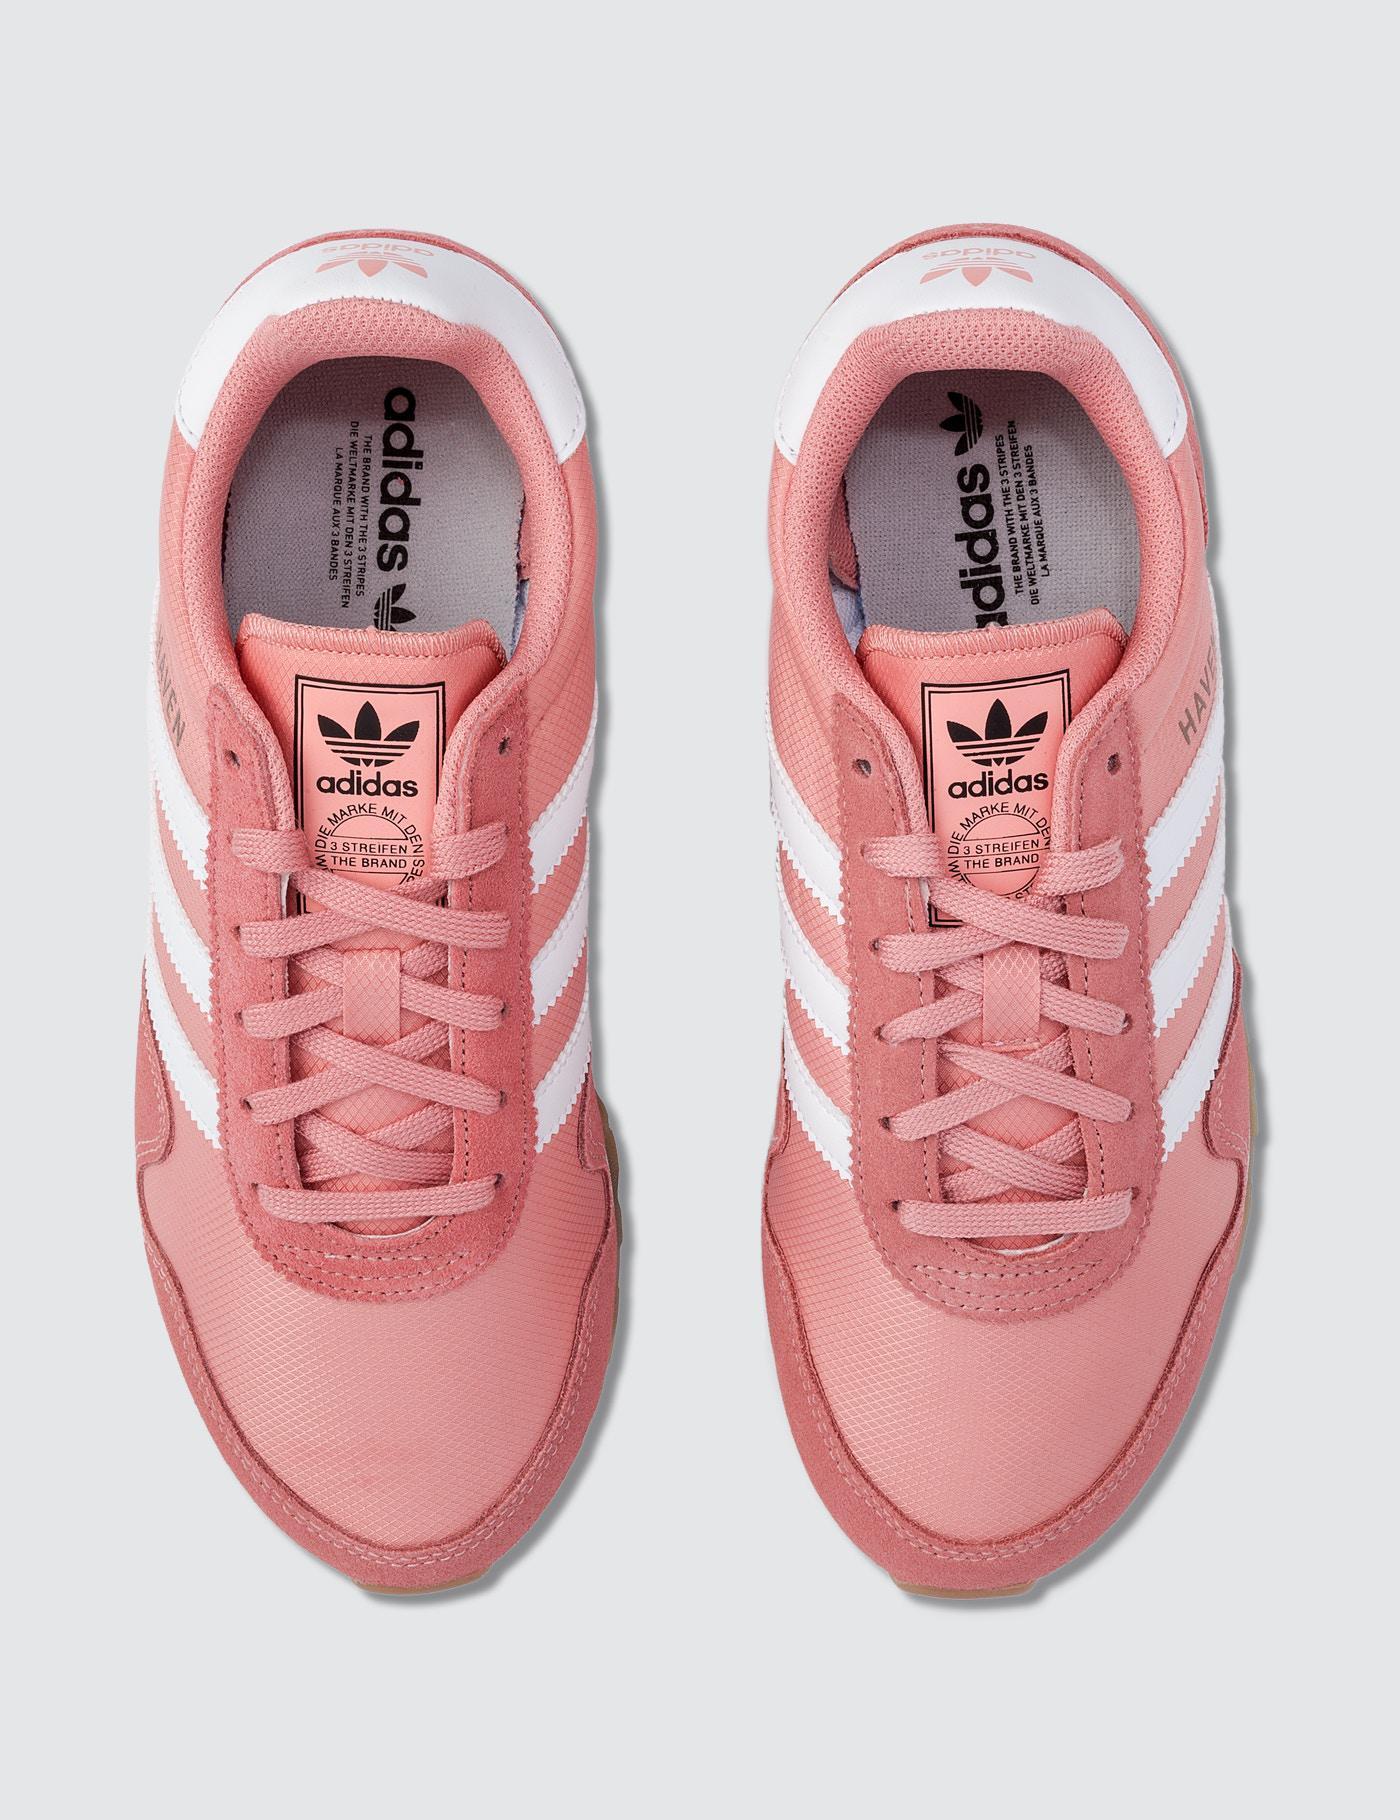 San Francisco af9a9 94529 Adidas Originals Pink Haven Shoes W